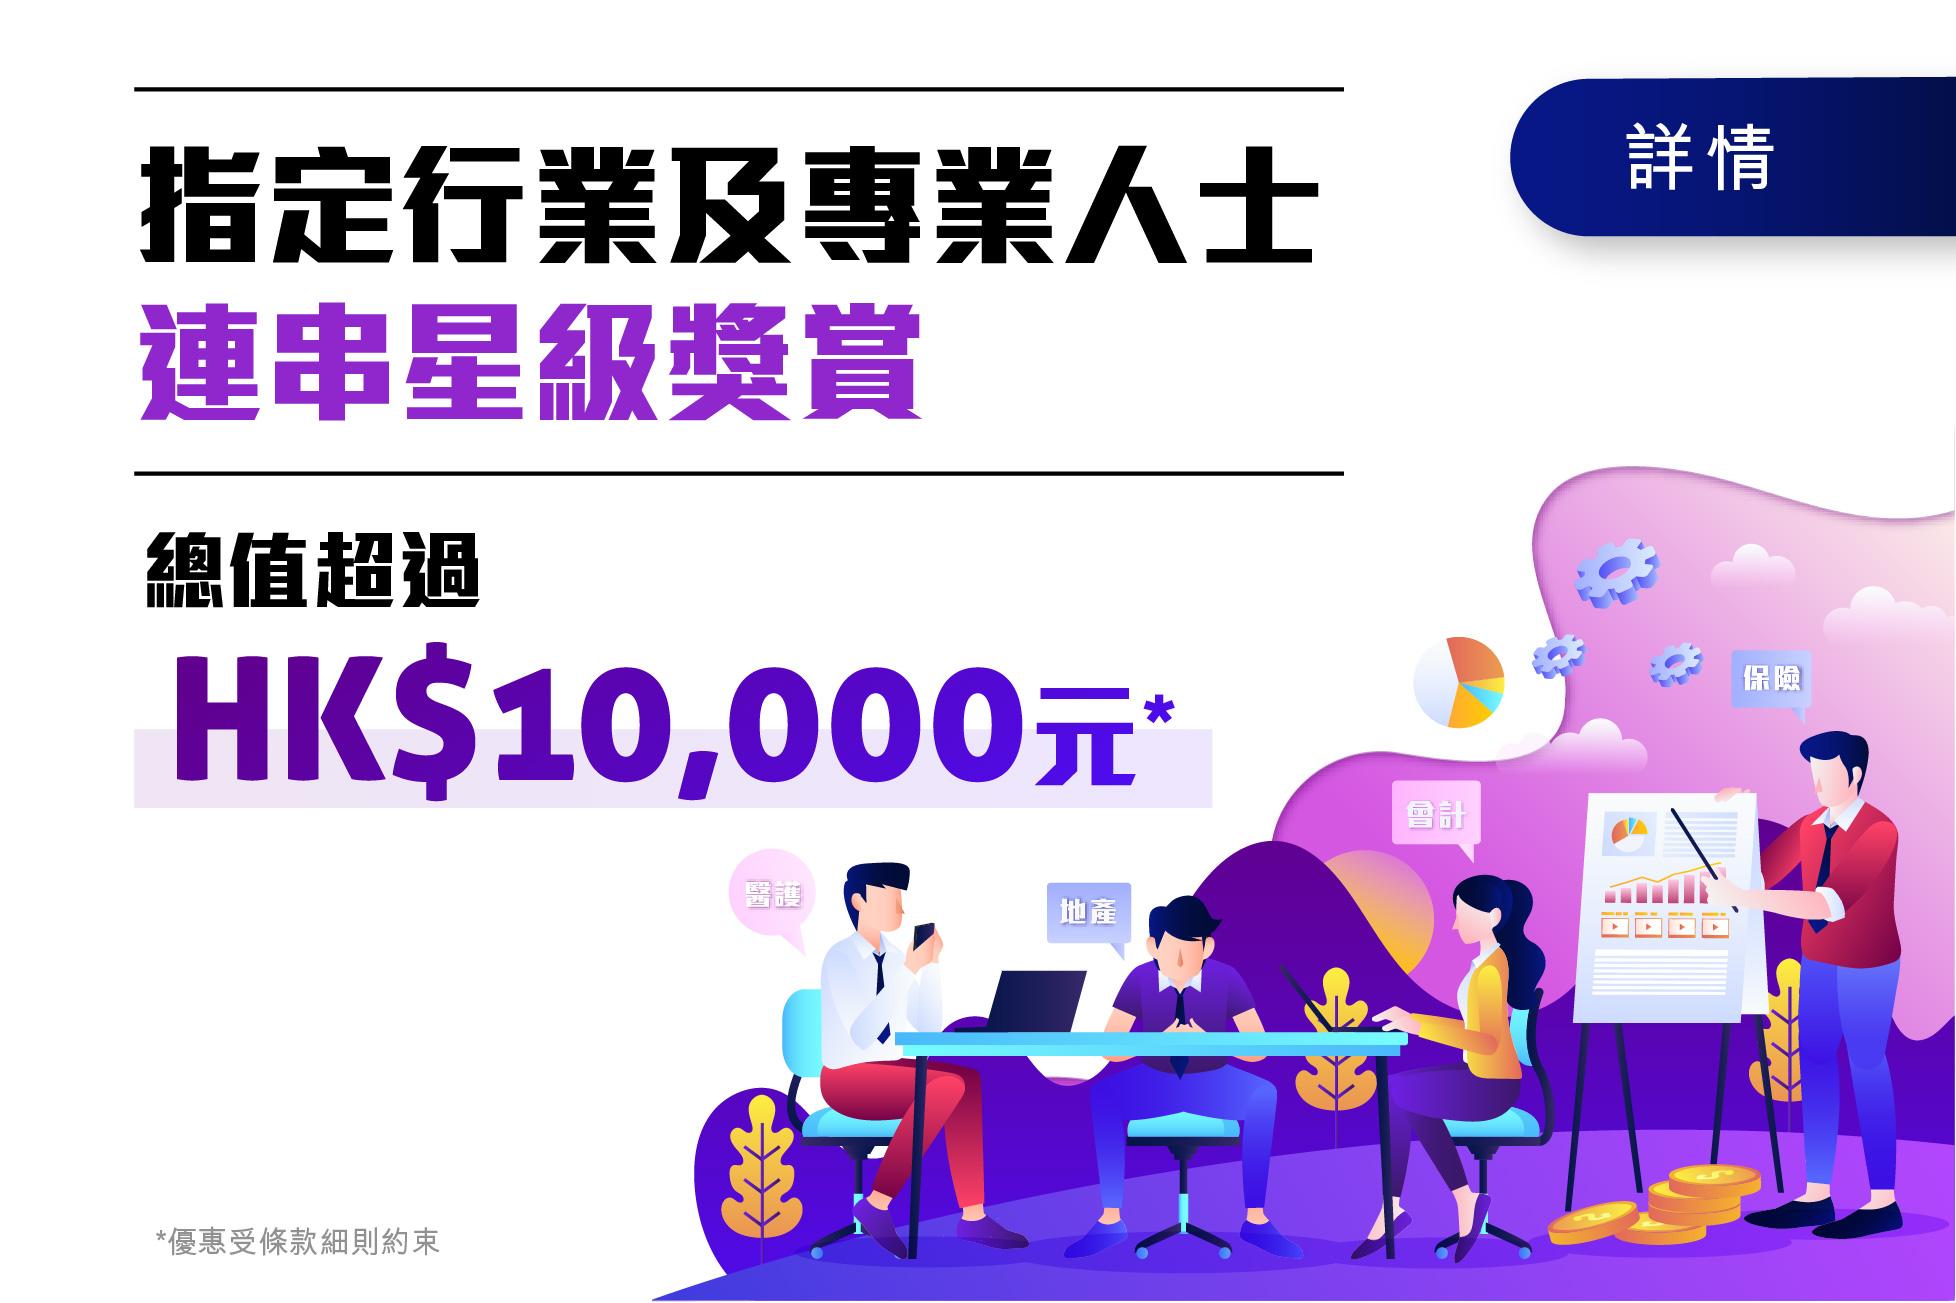 指定行業及專業人士 連串星級獎賞  總值超過HK$10,000